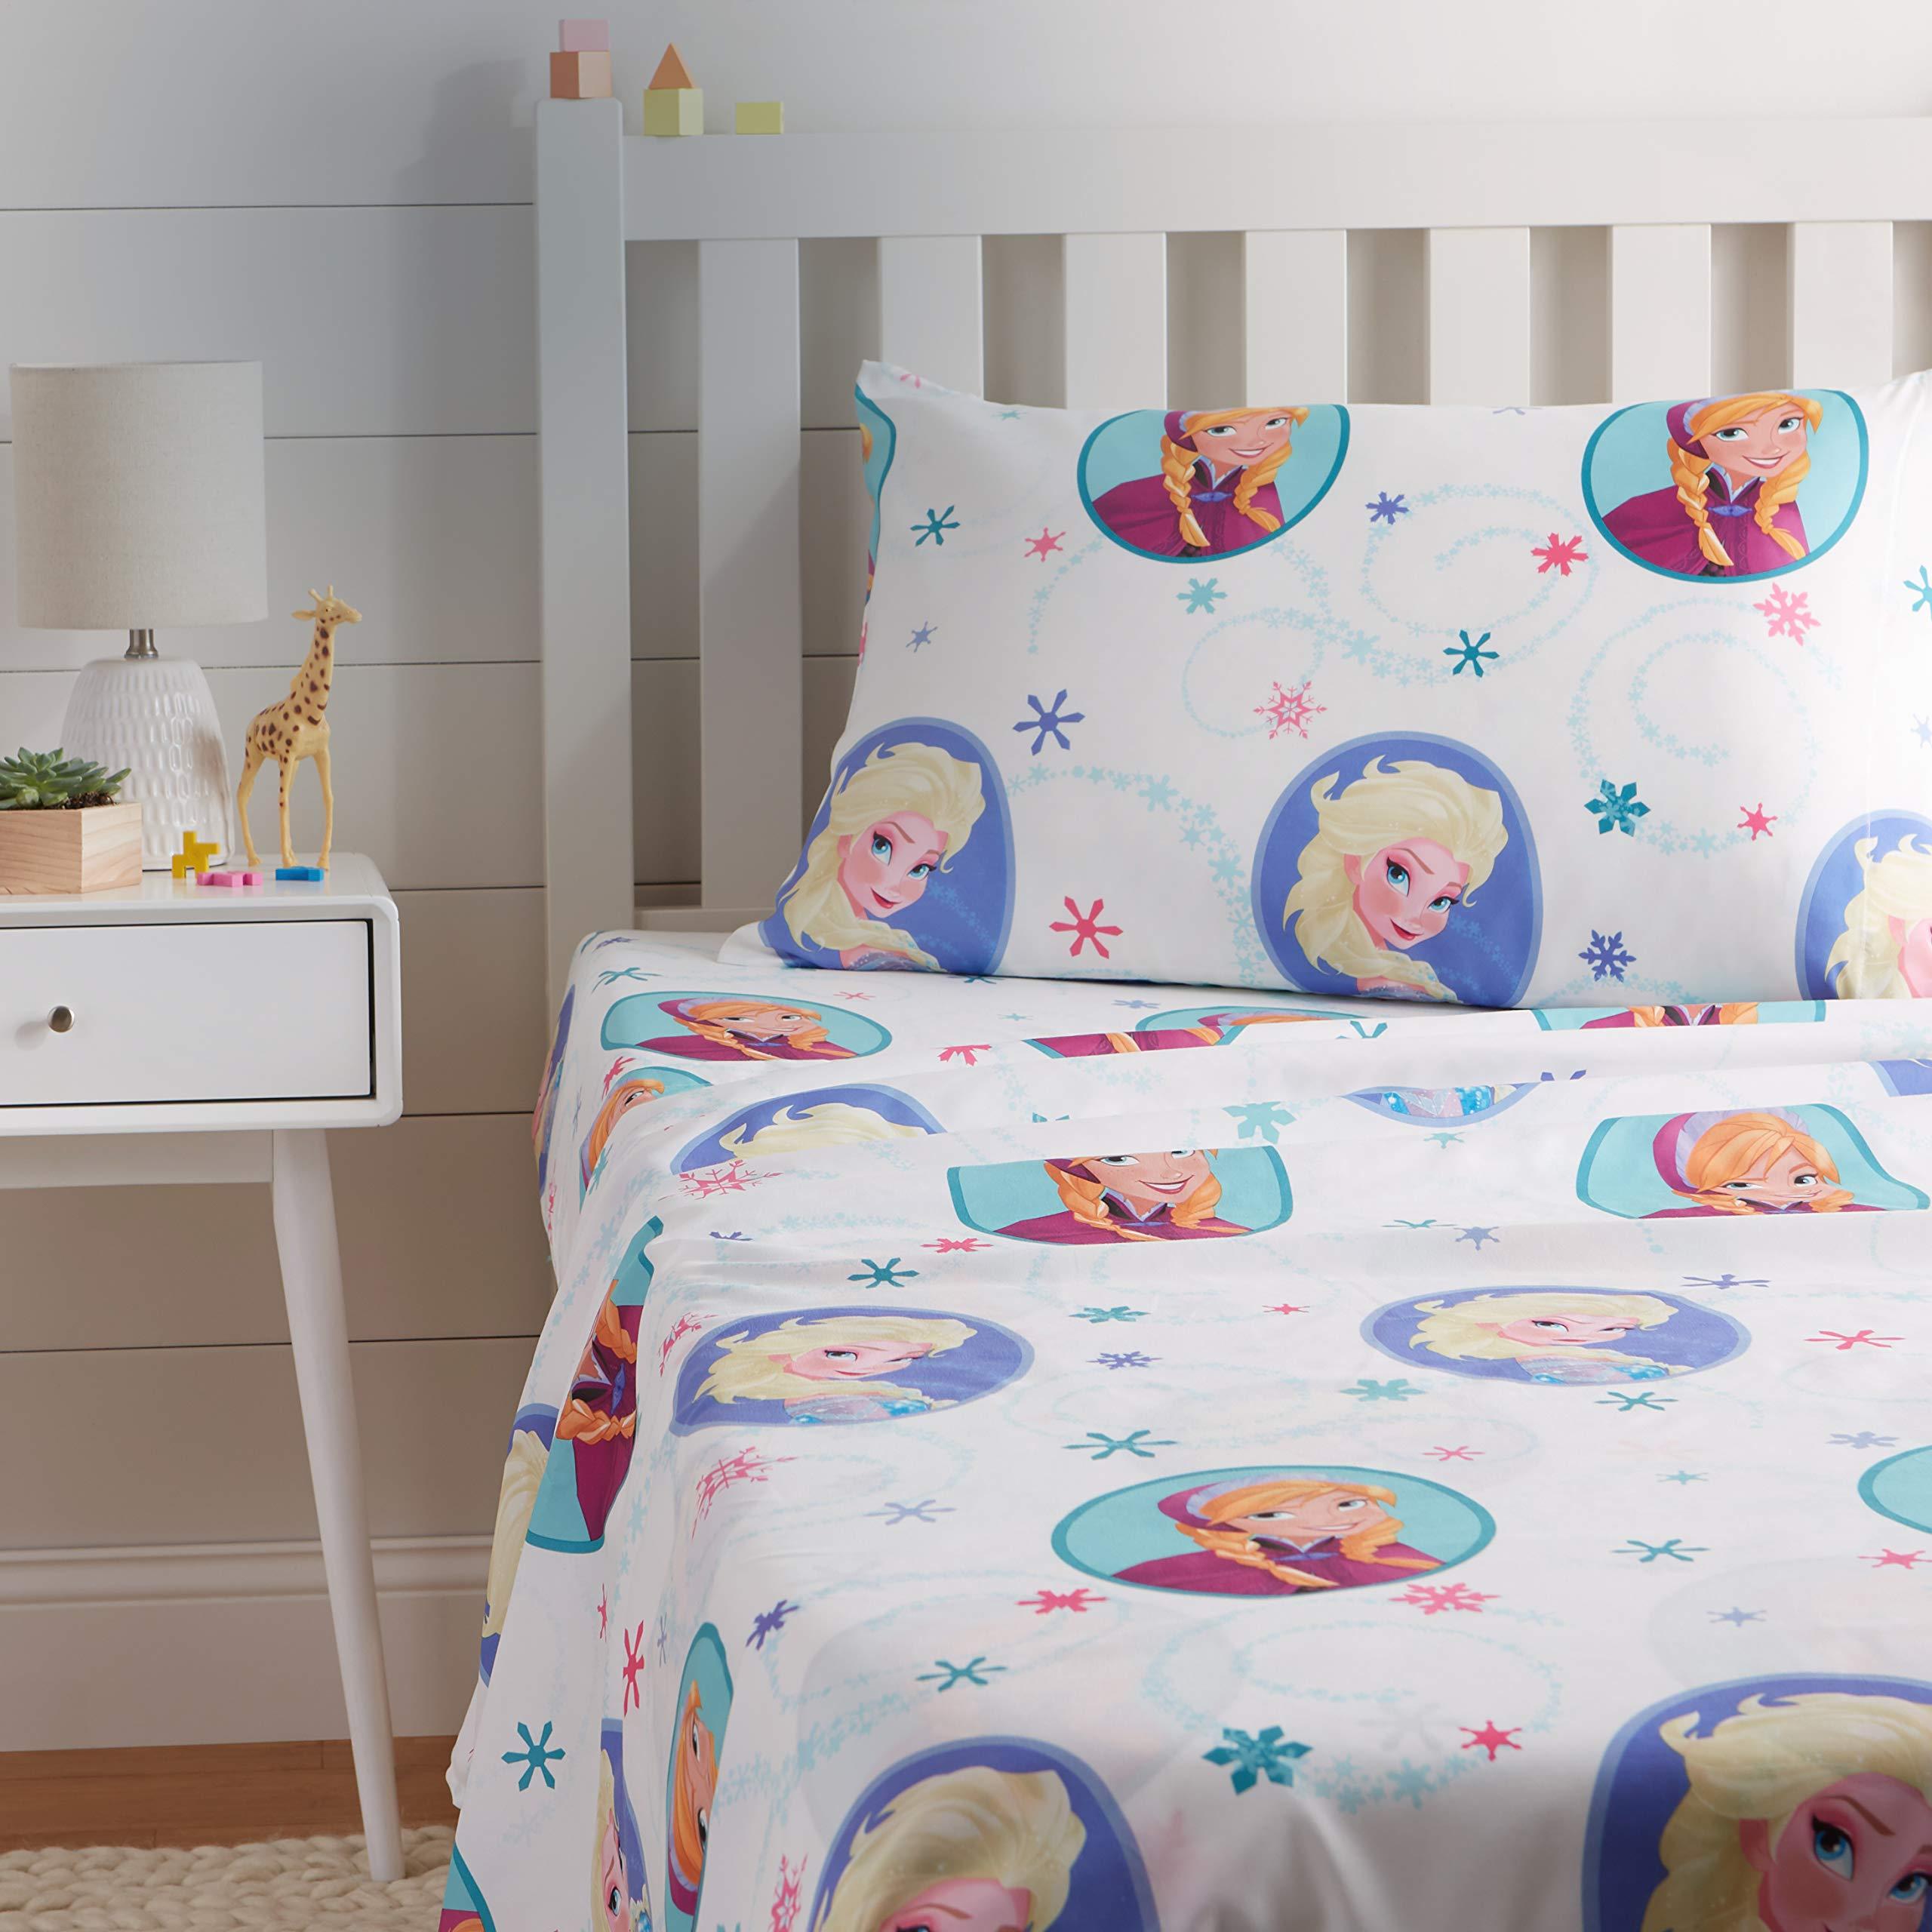 AmazonBasics by Disney Frozen Swirl Sheet Set - Twin